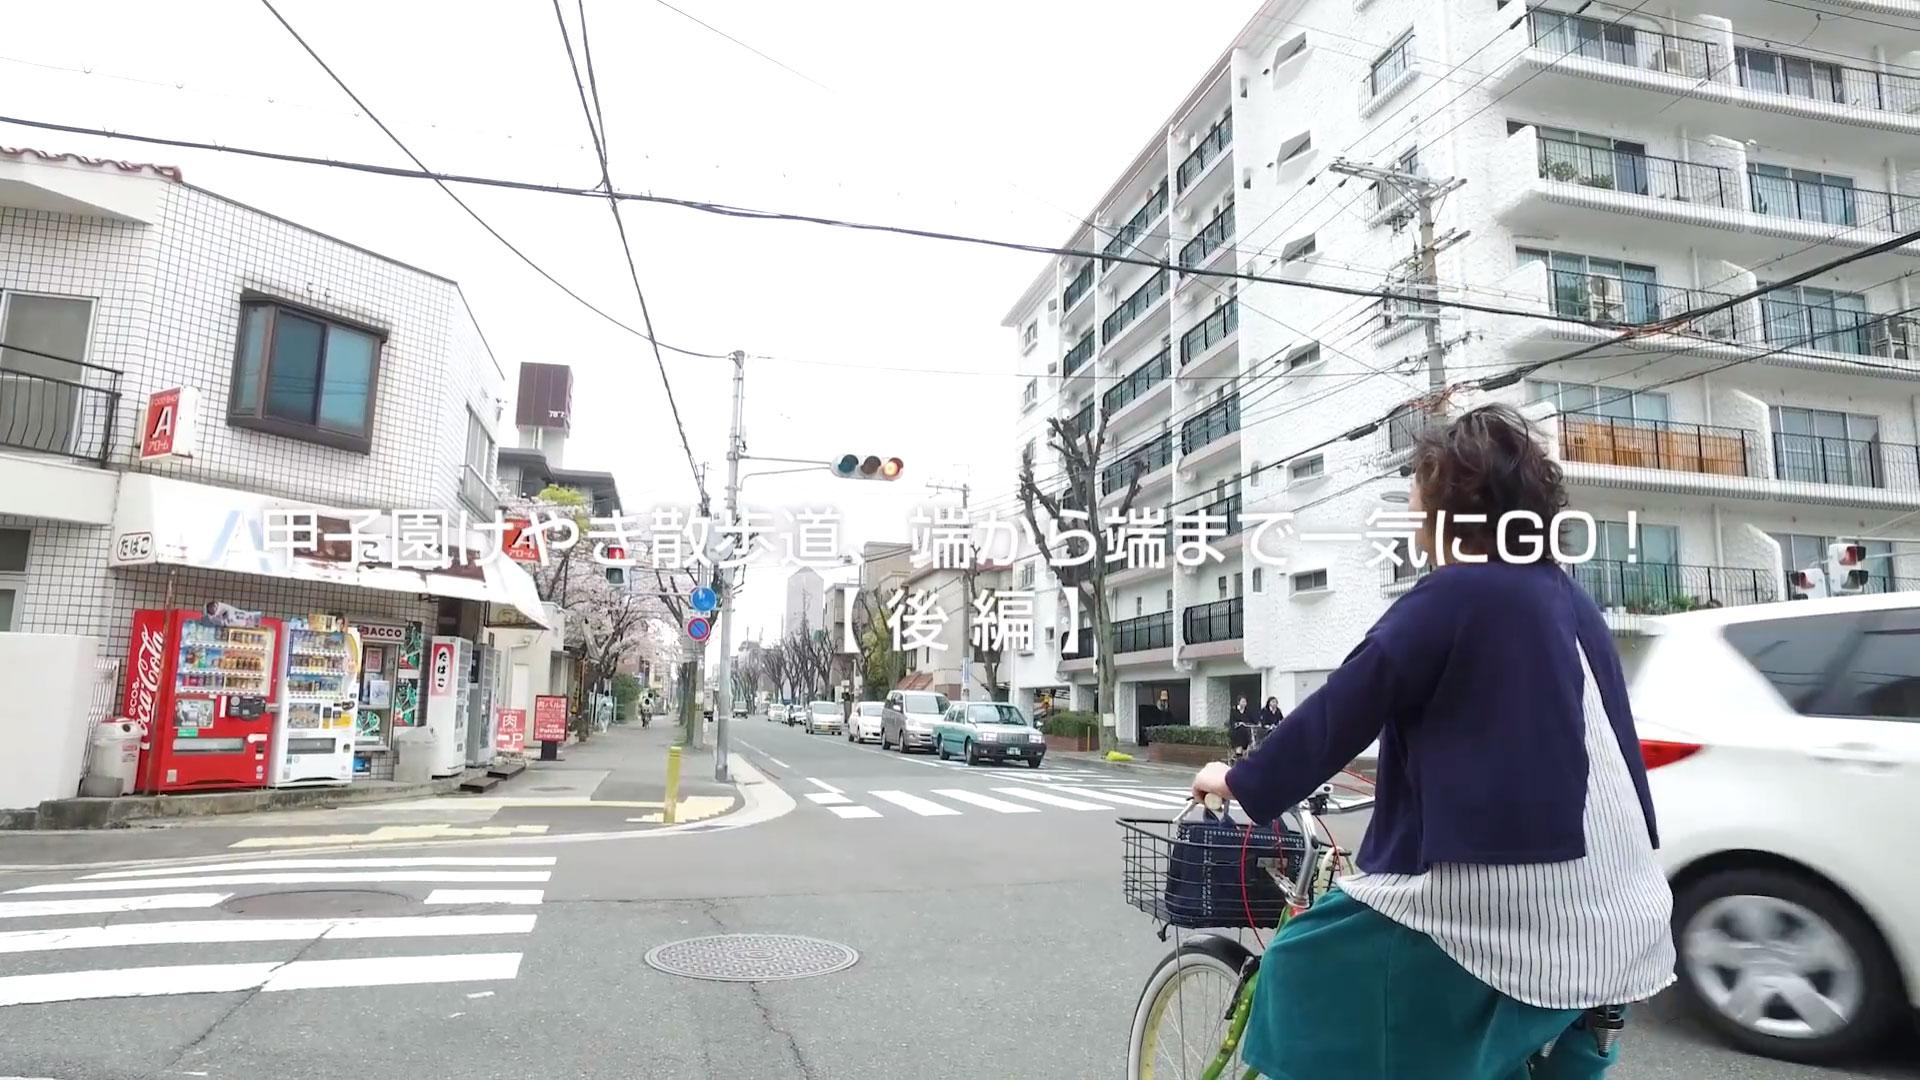 甲子園けやき散歩道、端から端まで一気にGO!【後編】